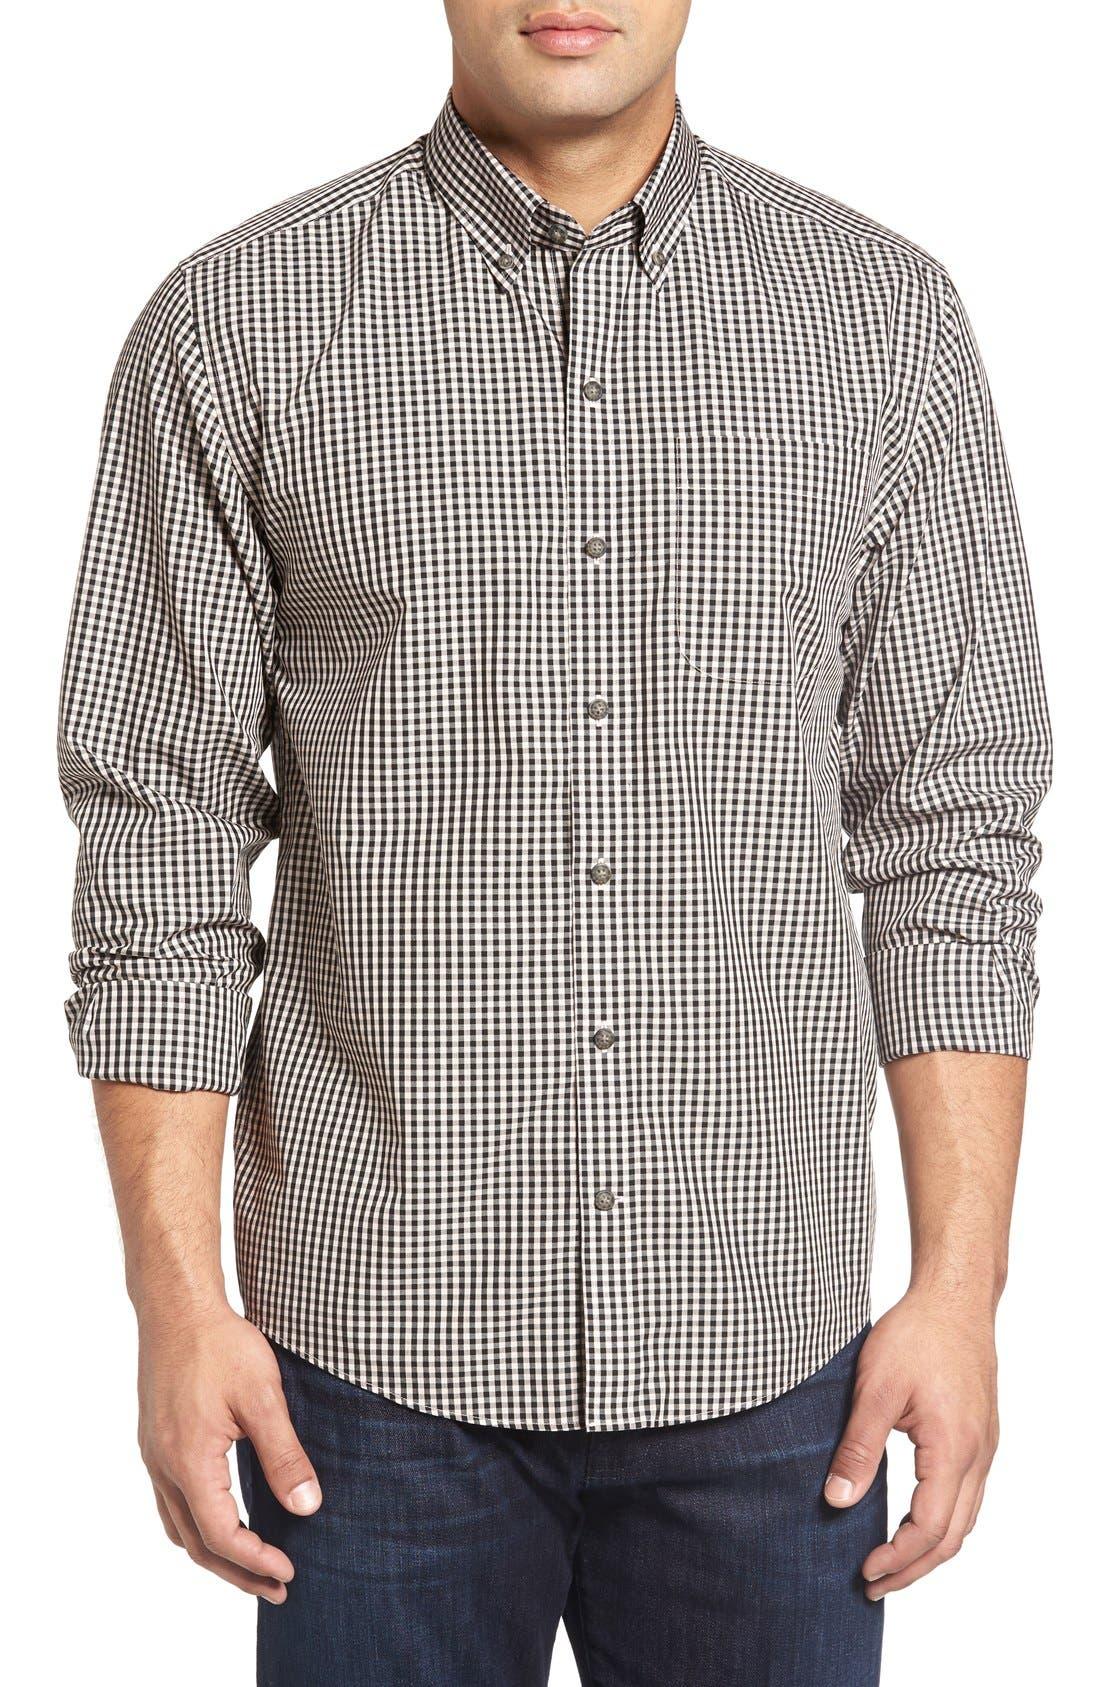 Cutter & Buck 'Willard' Check Sport Shirt (Big & Tall)